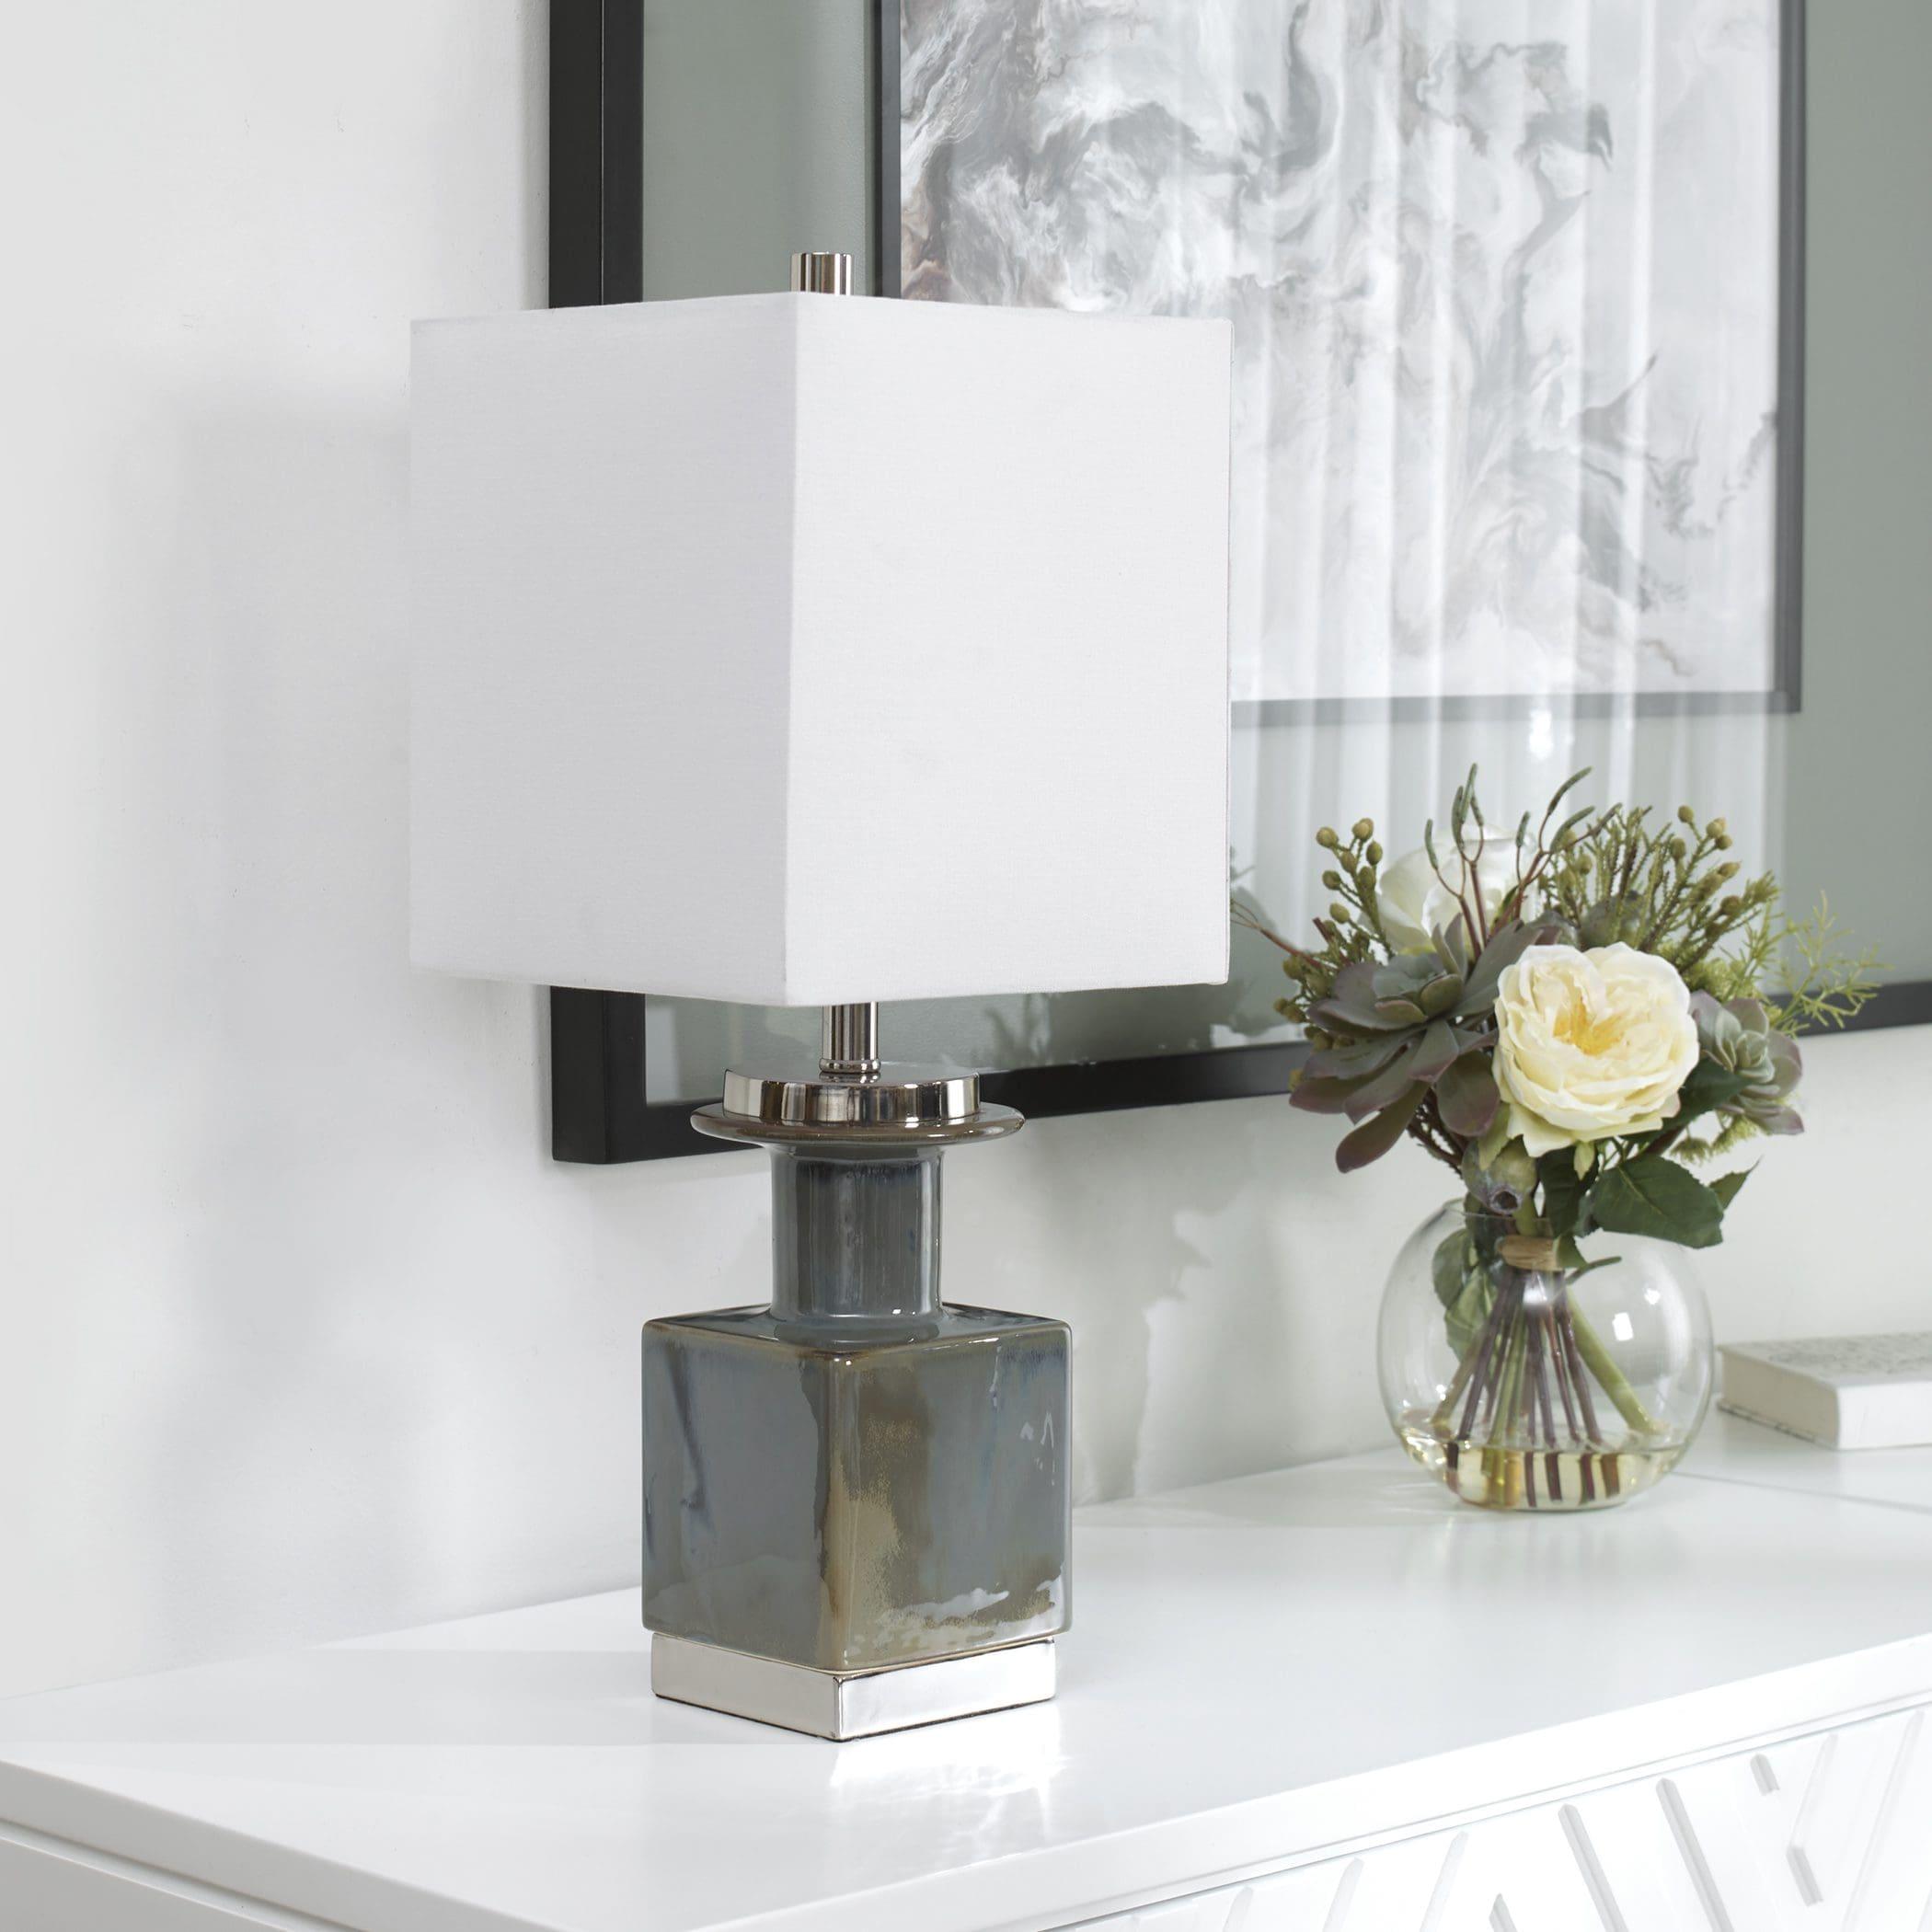 Uttermost Cabrillo Gray Glaze Accent Lamp